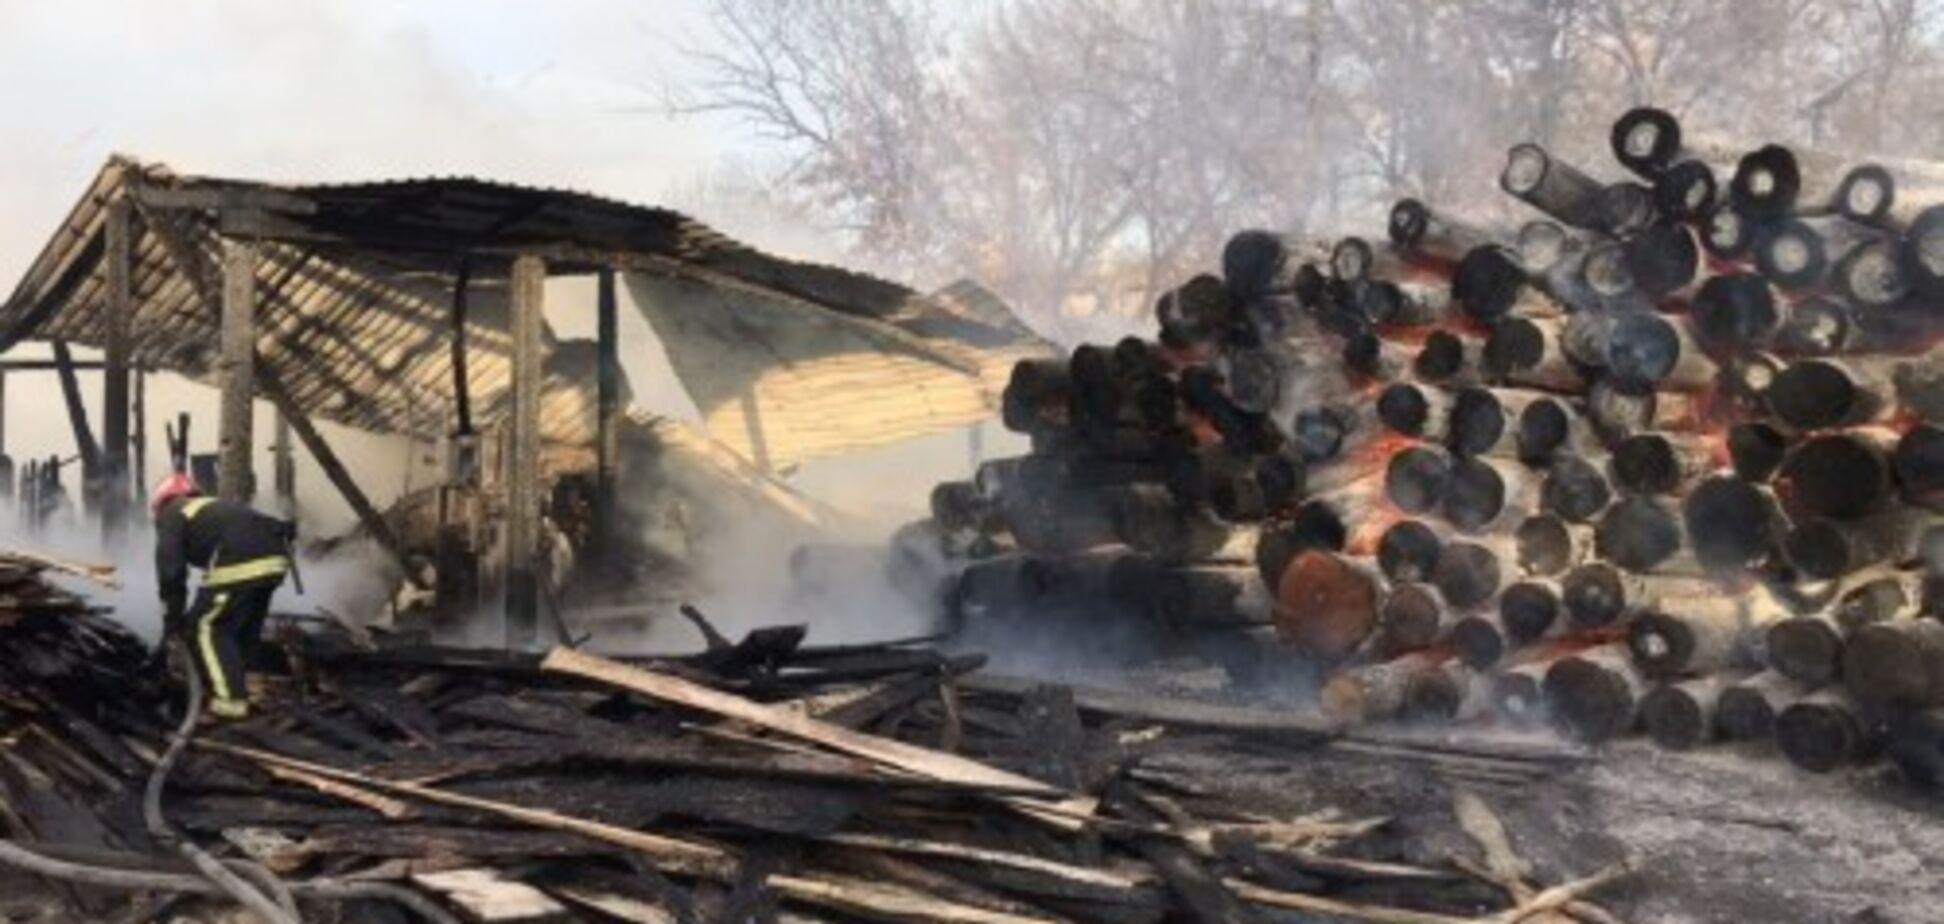 В Харькове вспыхнул мощный пожар: фото и видео